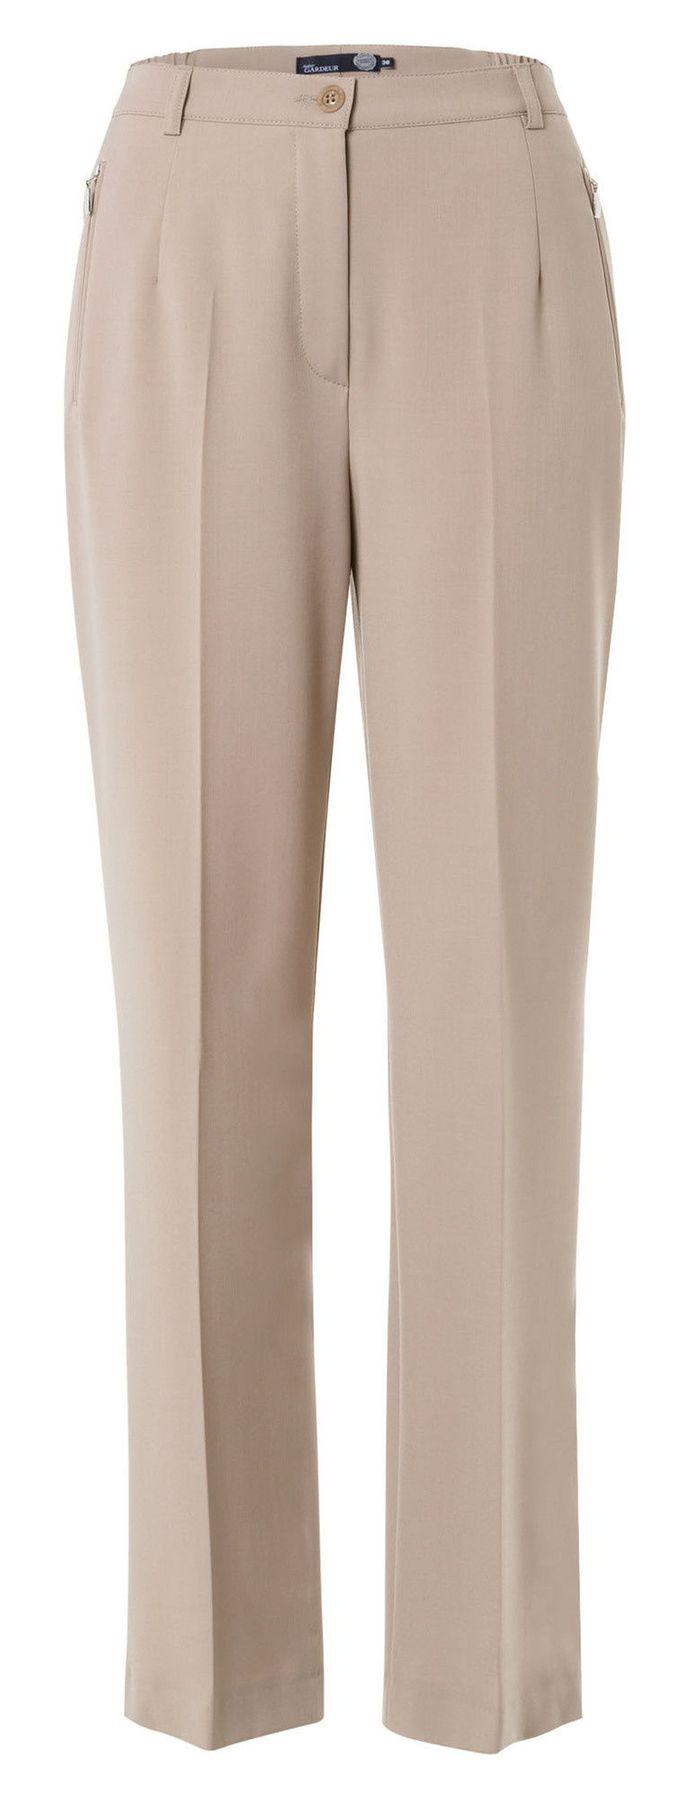 Atelier Gardeur - Comfortable Fit - Damenhose in beige - Karen (061458) – Bild 3